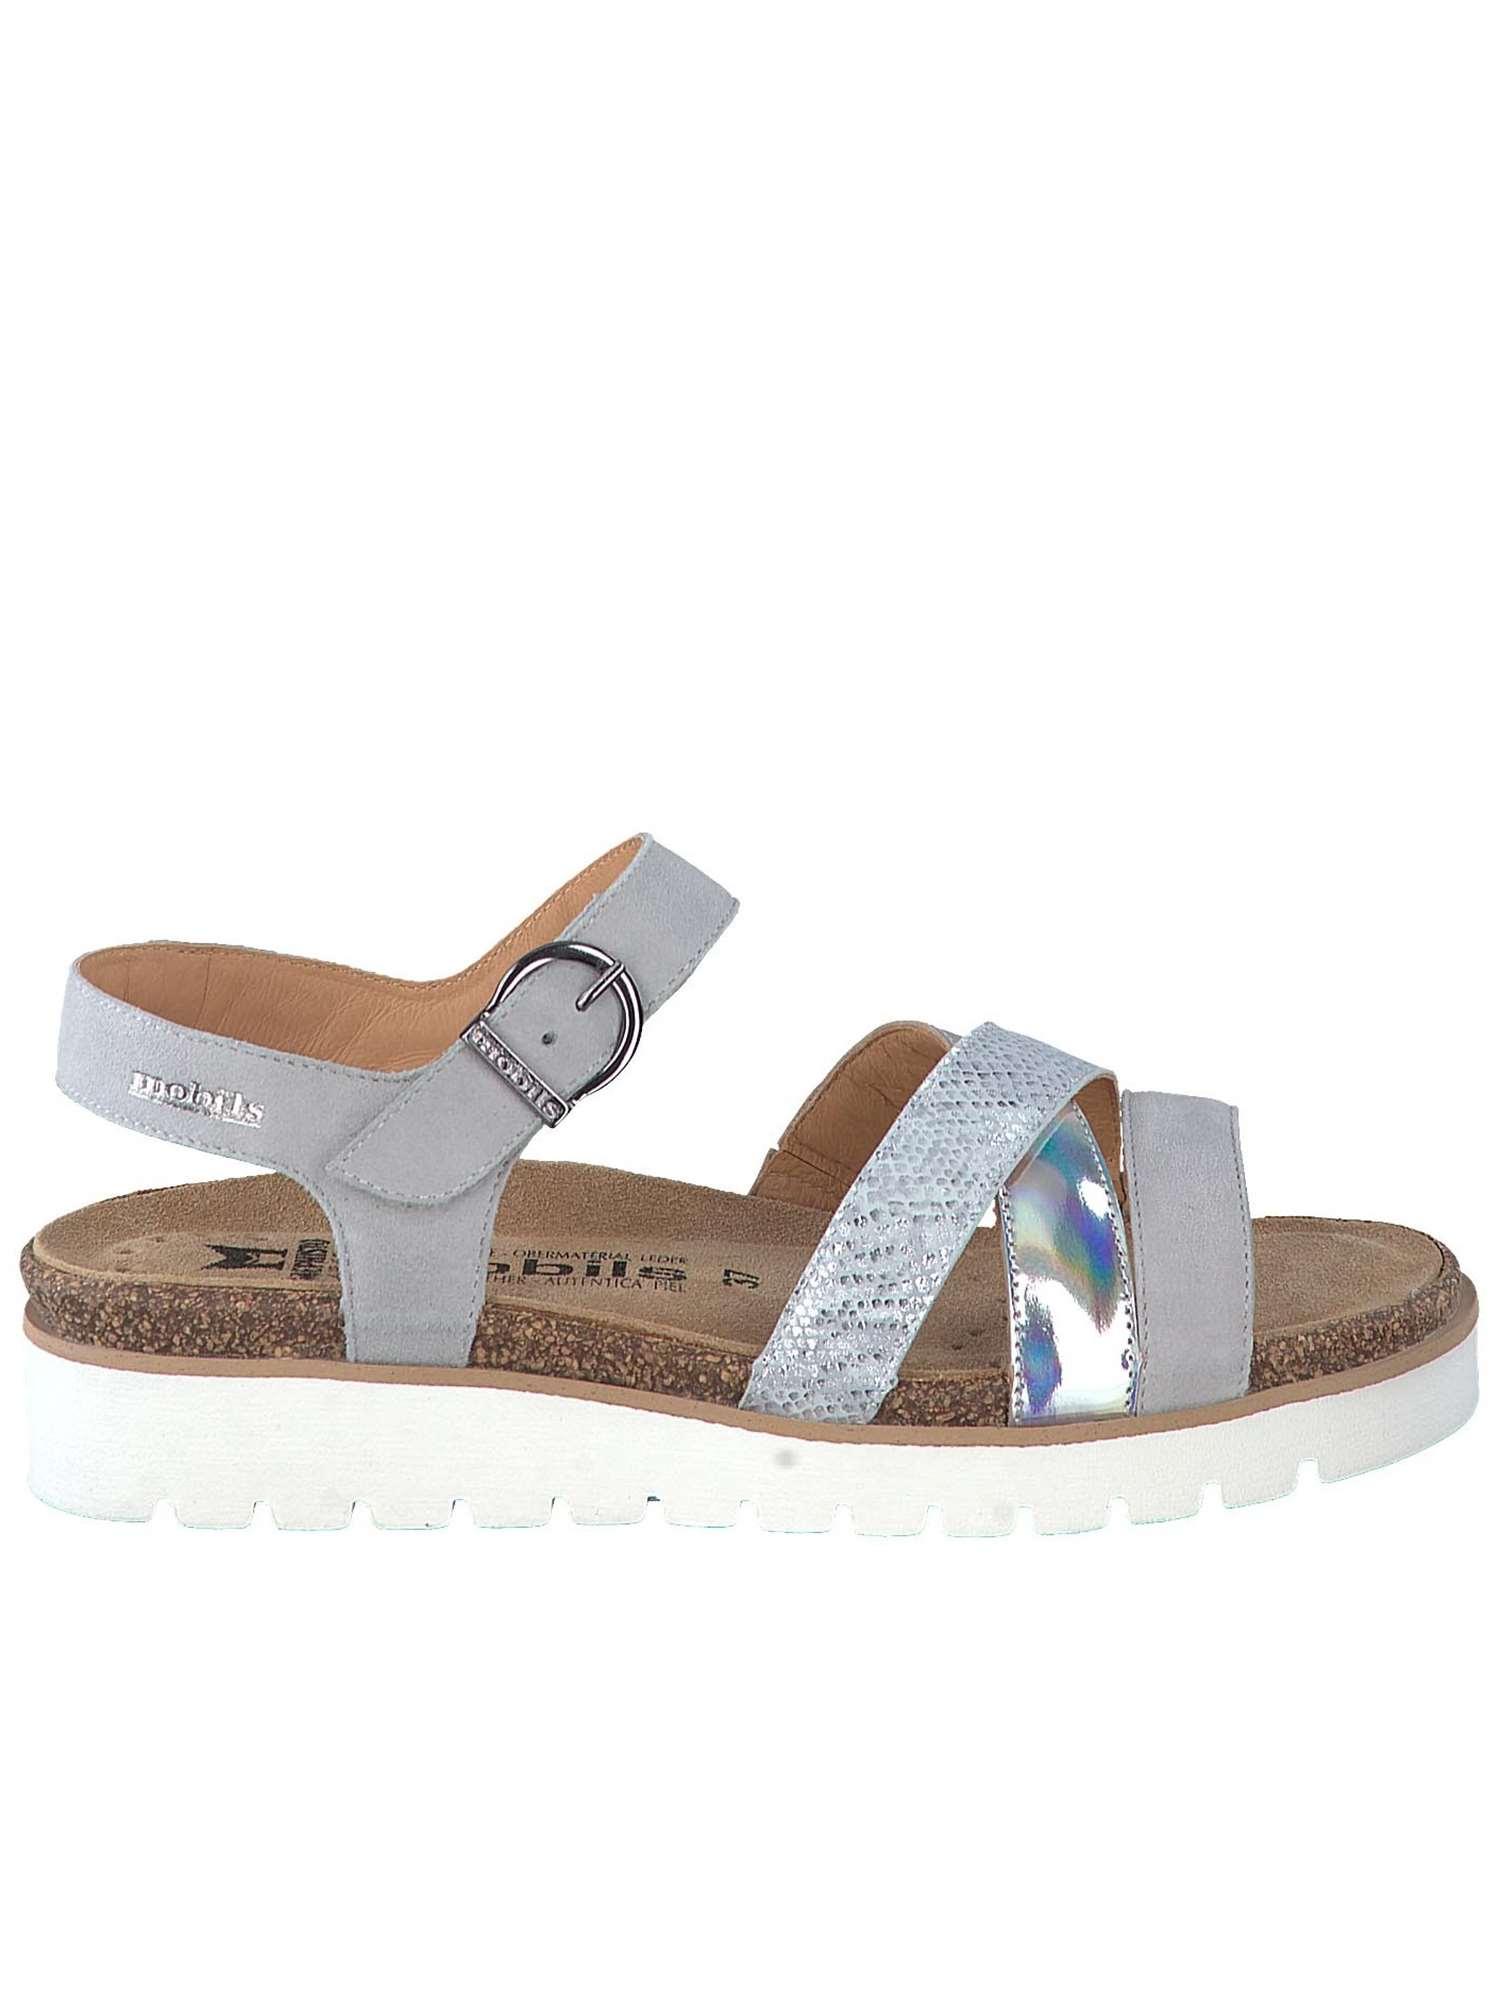 Sandali bianchi per donna Mephisto AqblE81M